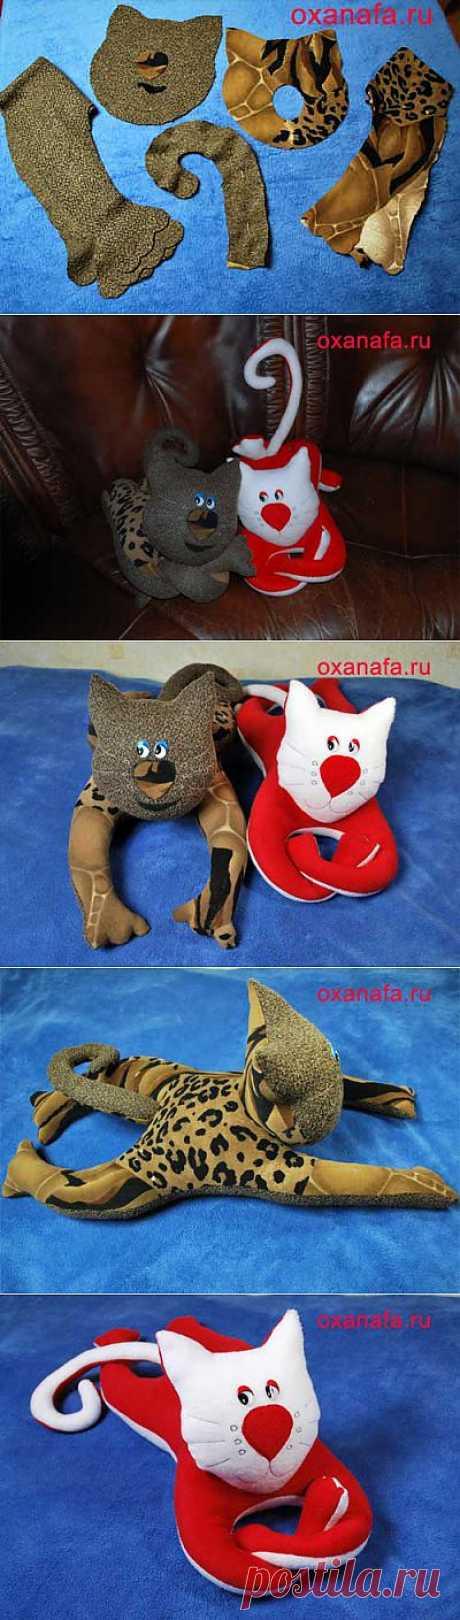 Мягкая игрушка кота своими руками. » Рукоделие своими руками.